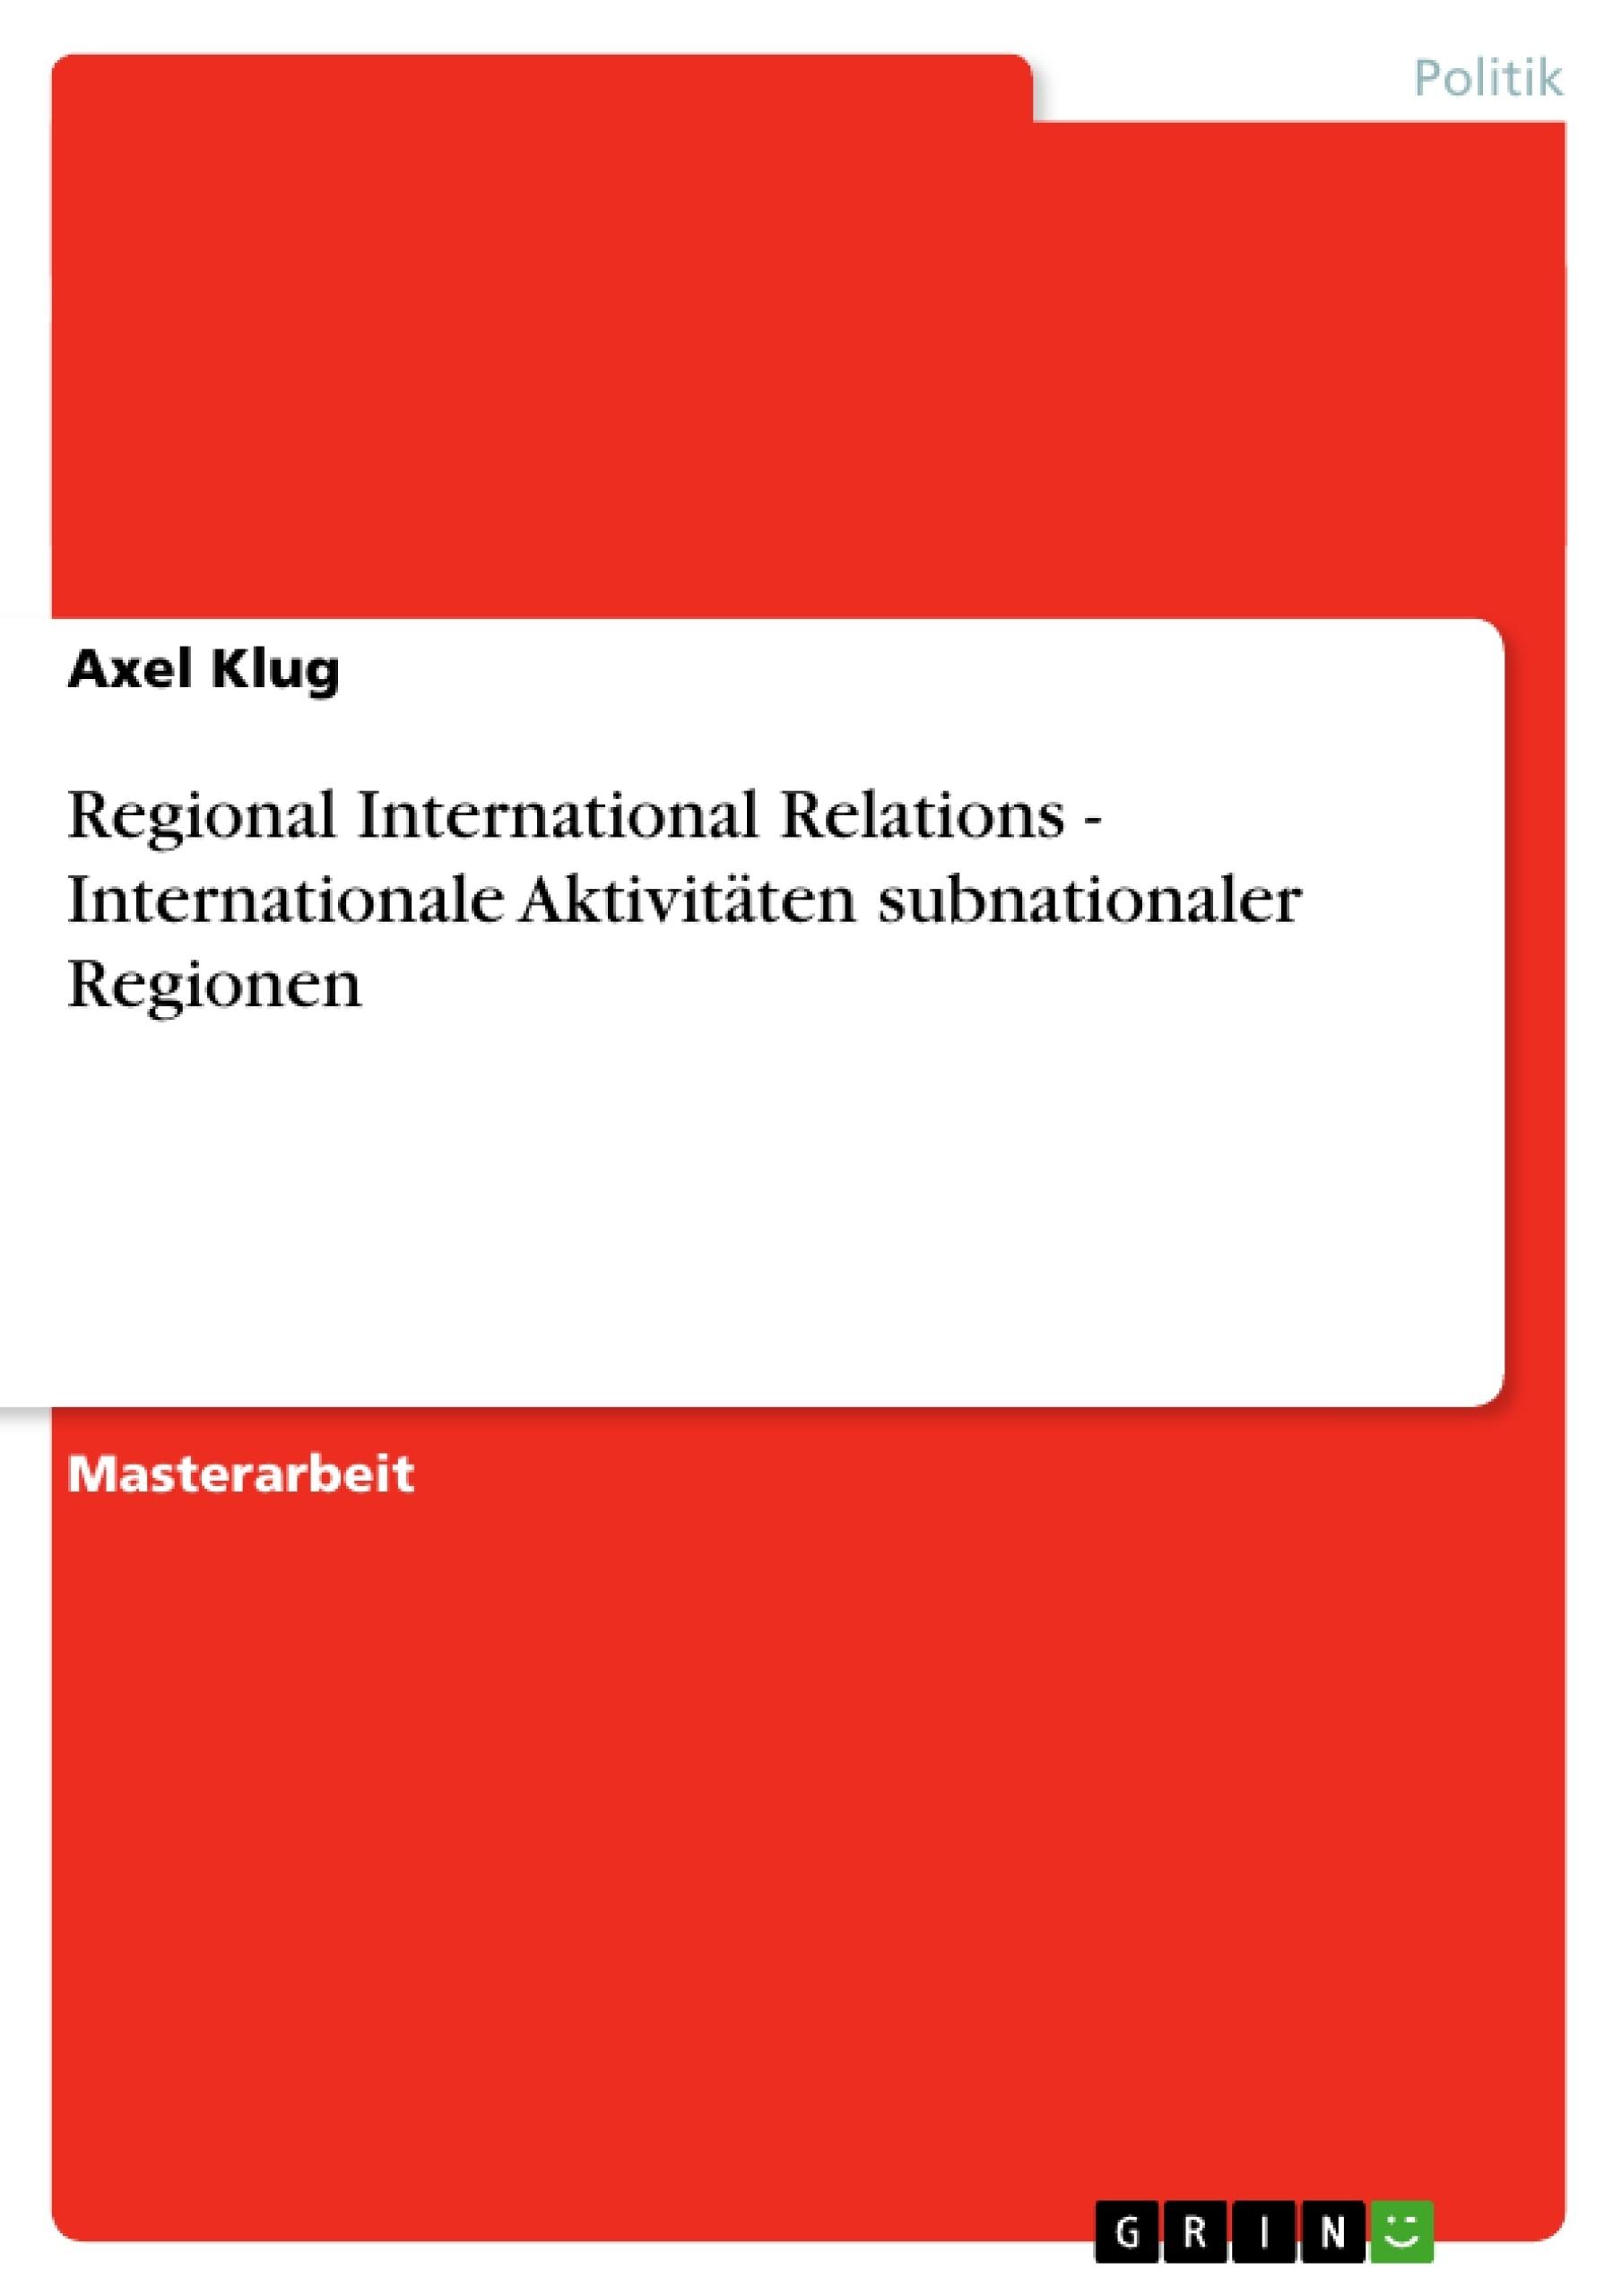 Titel: Regional International Relations - Internationale Aktivitäten subnationaler Regionen